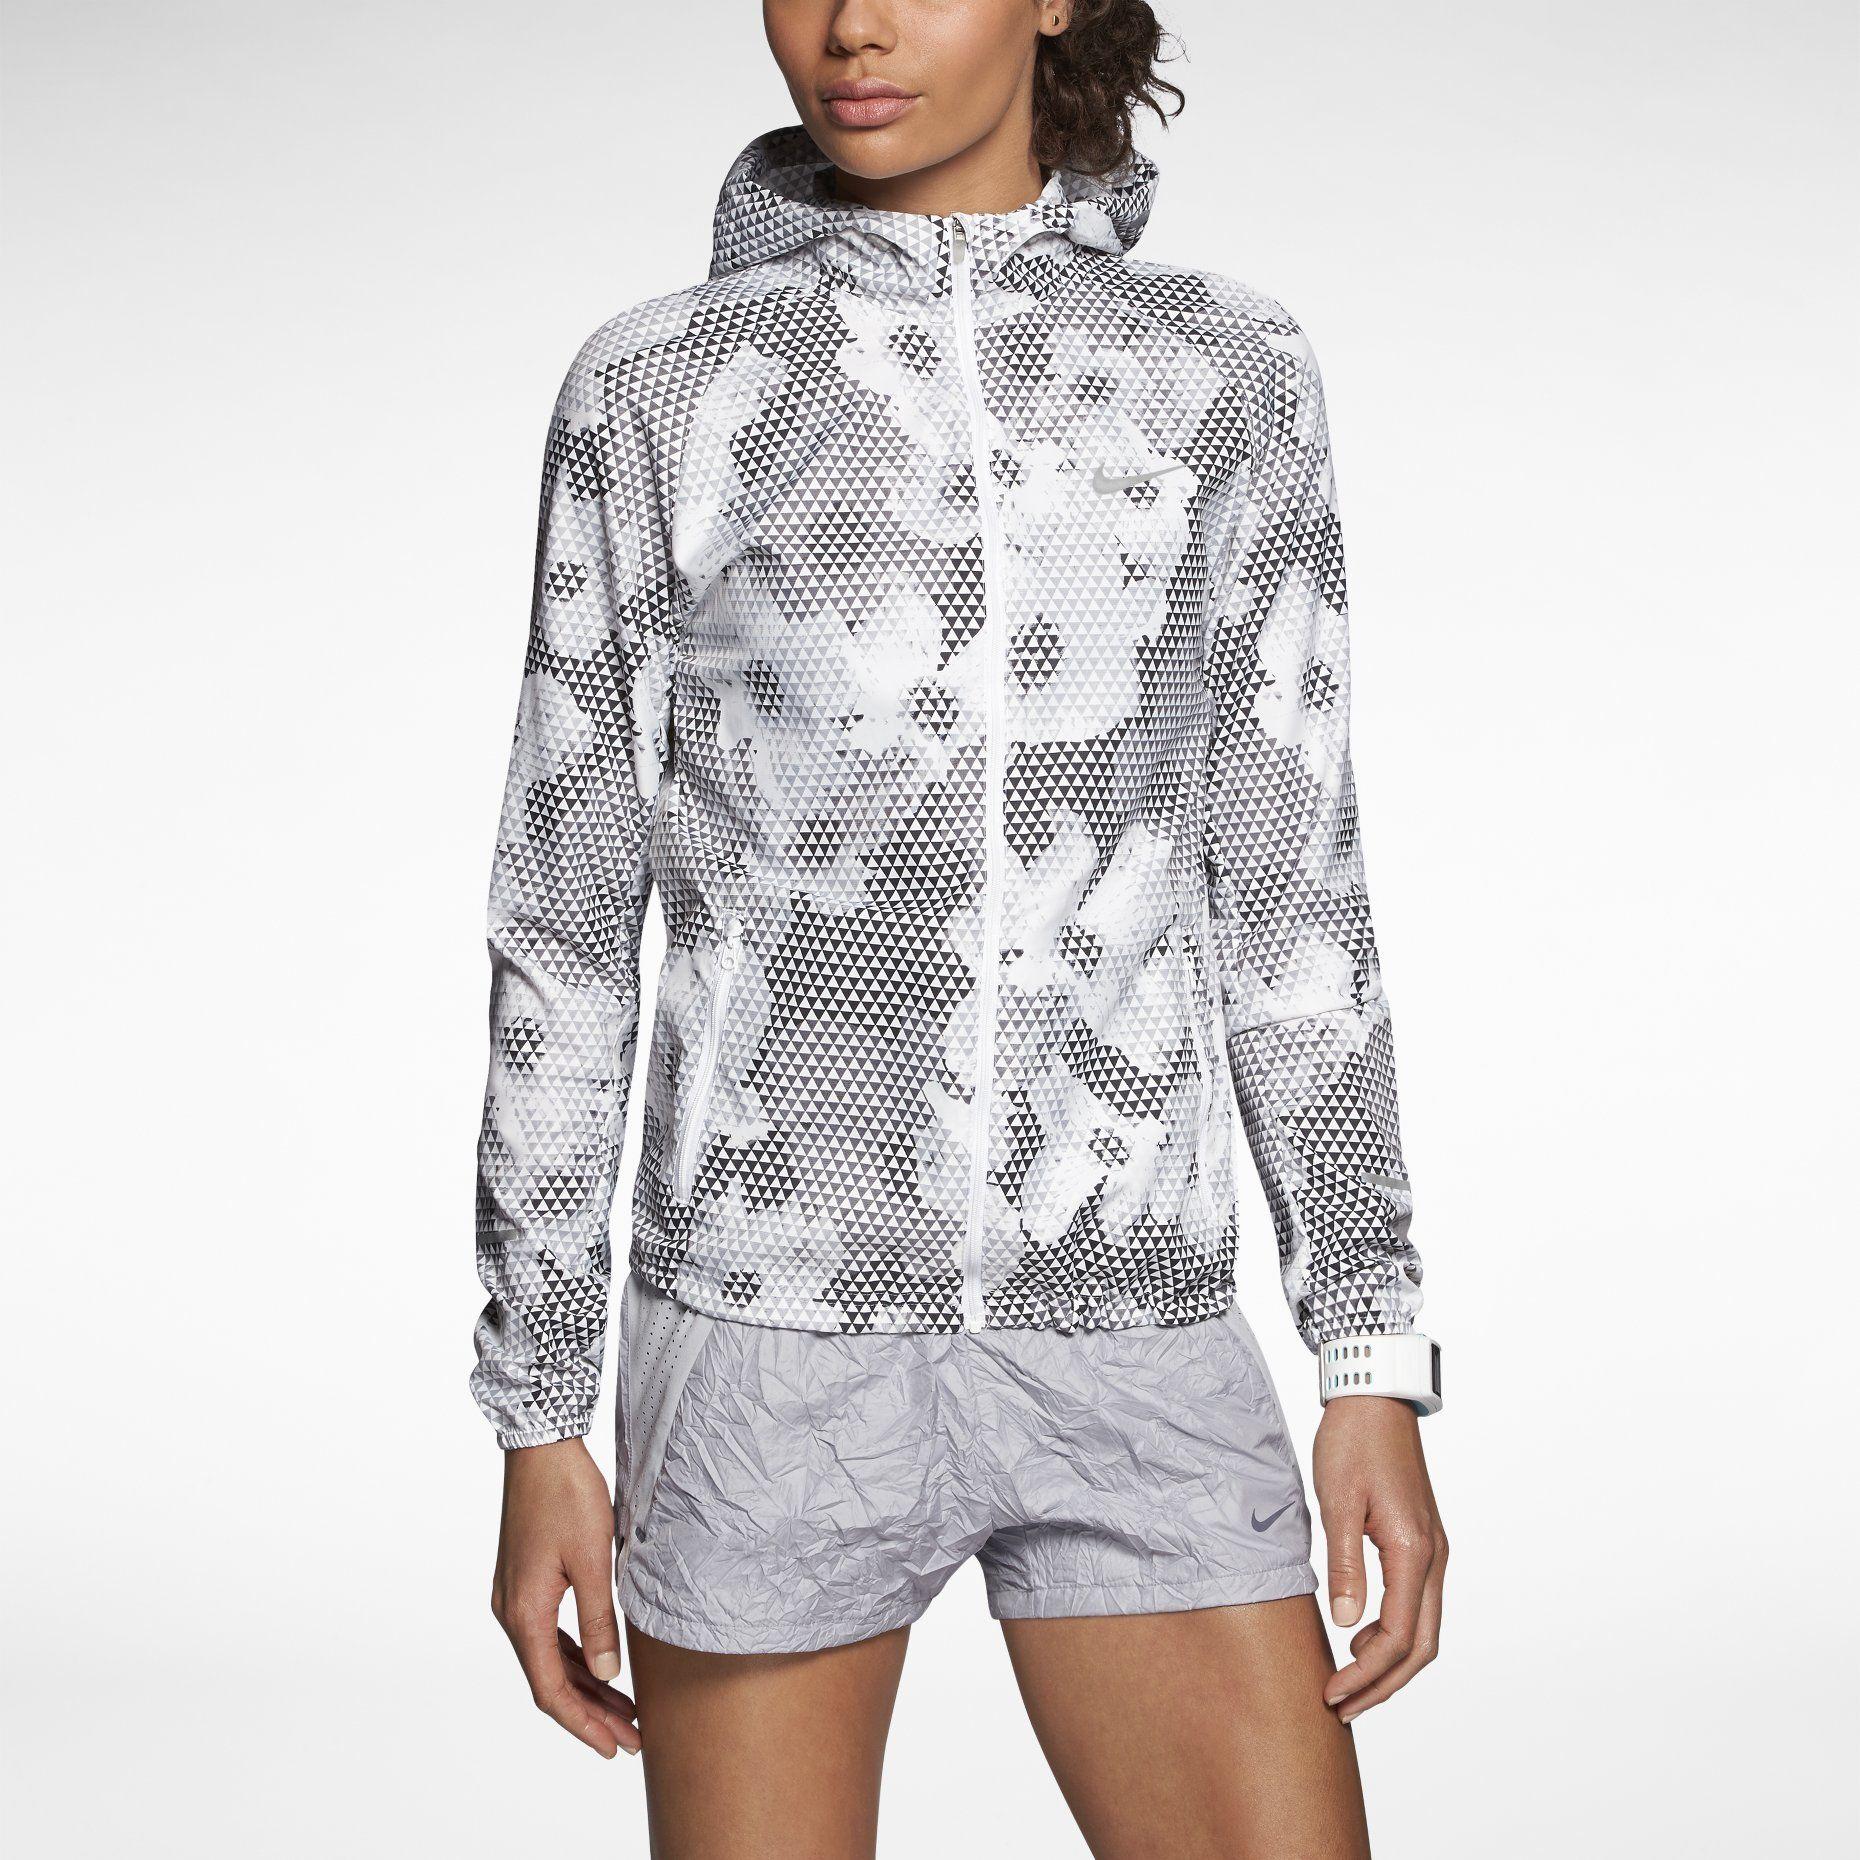 Nike Dames Distance Imprimé Veste En Cours Dexécution